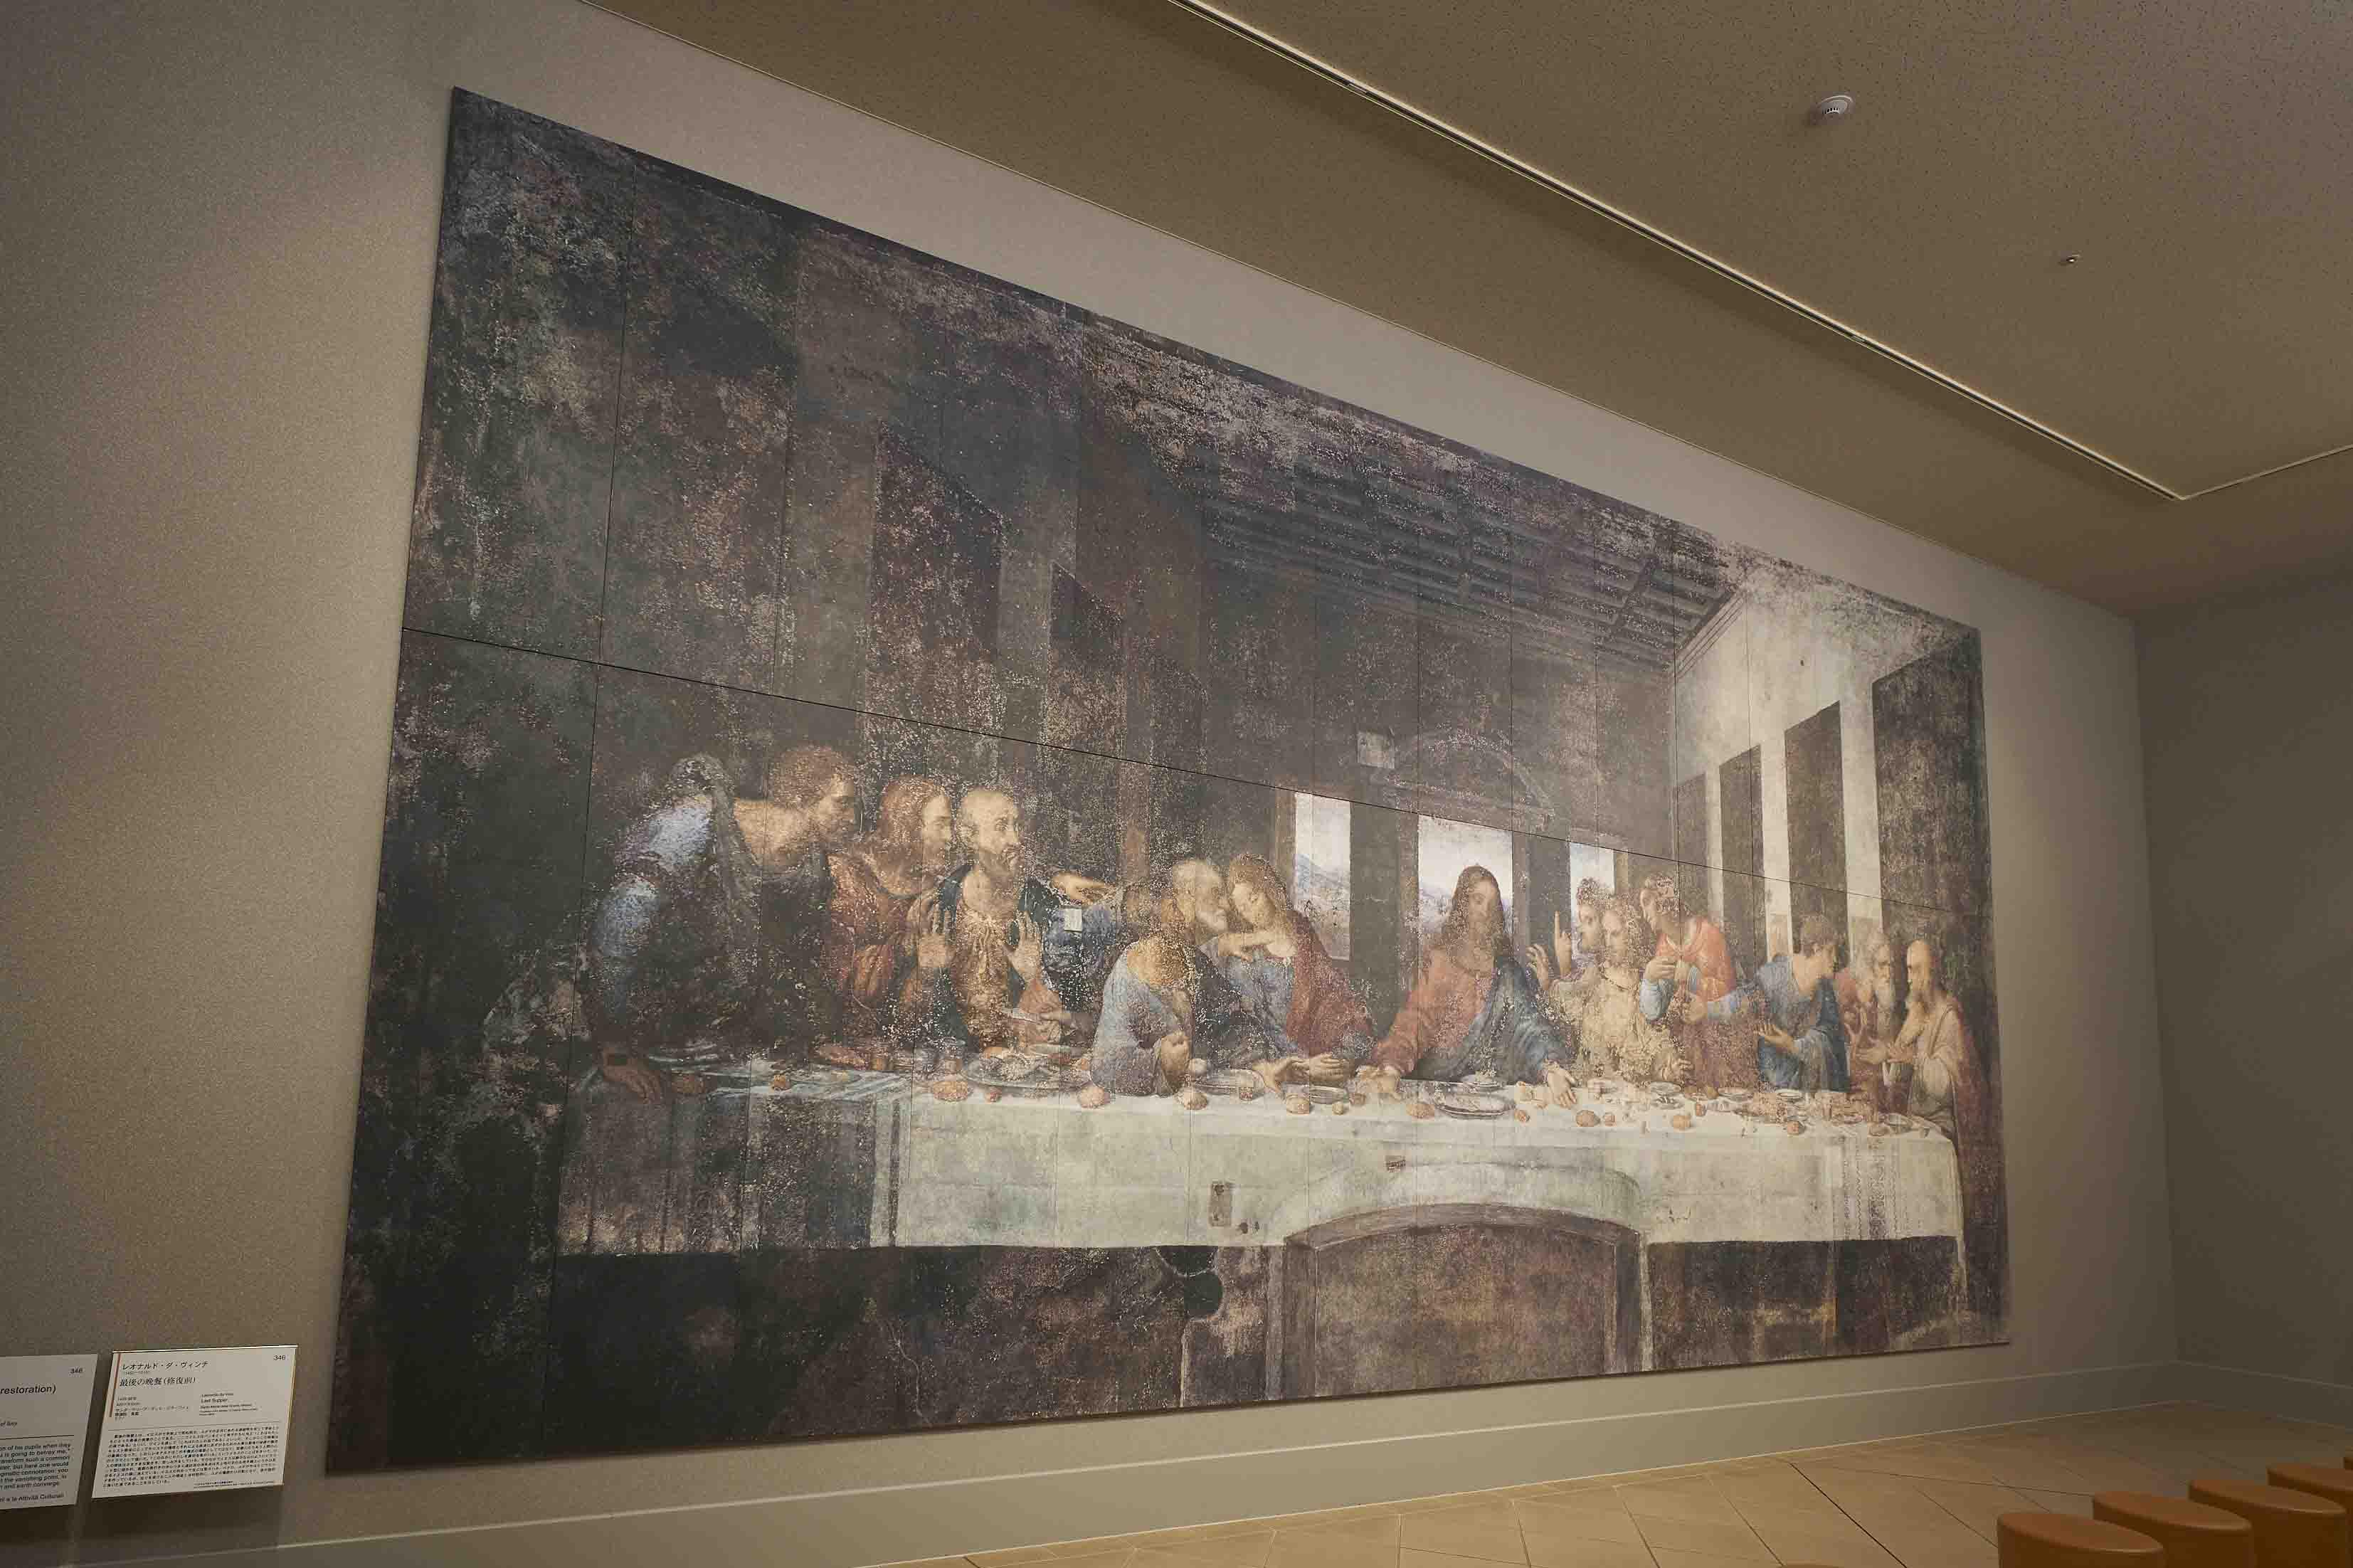 レオナルドダヴィンチ「最後の晩餐」の修復前の様子